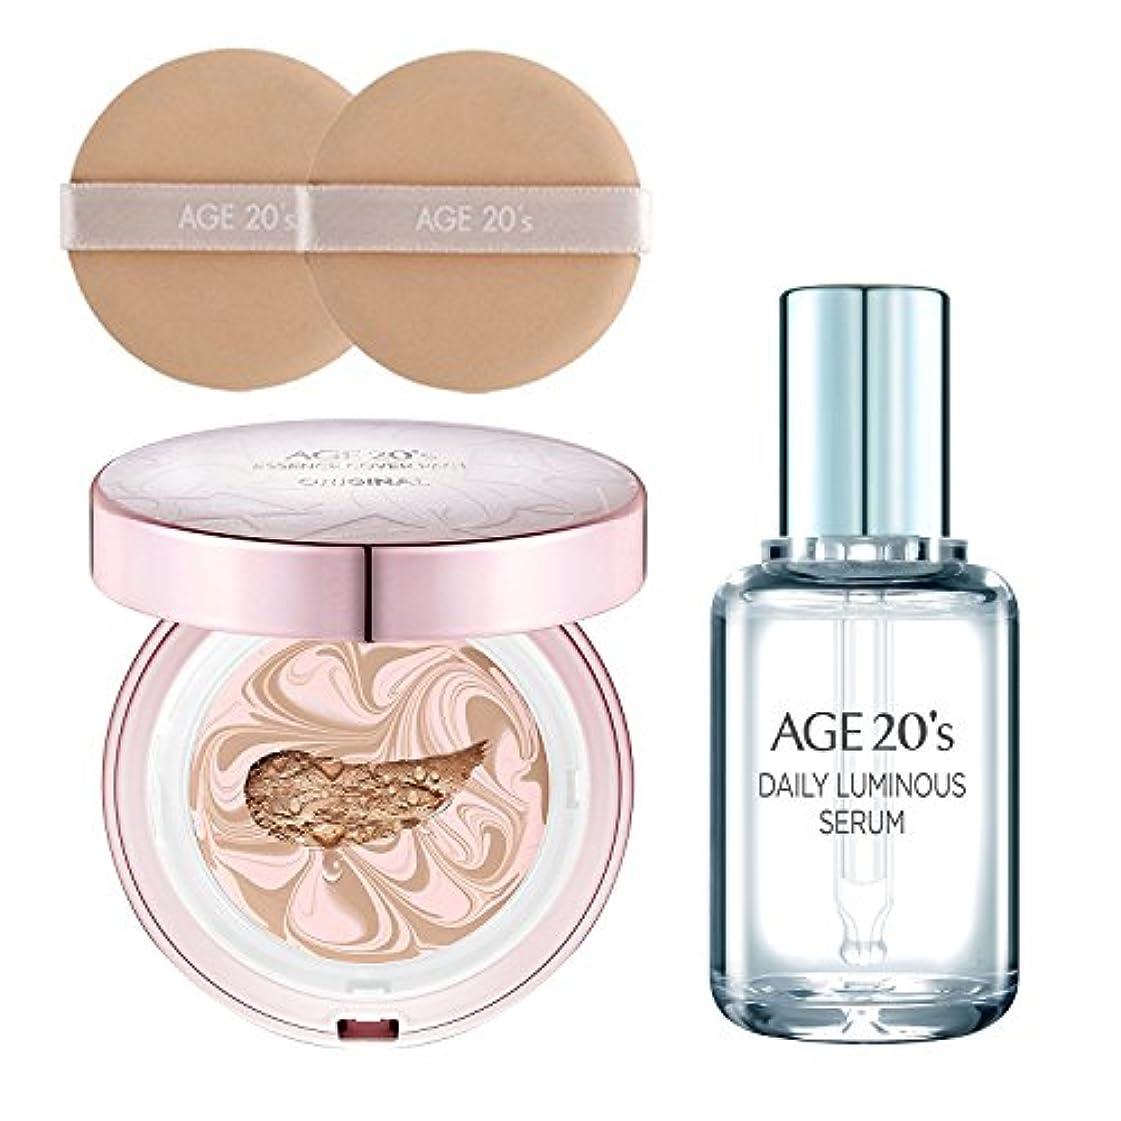 ジャズセイはさておき差し控える[AGE 20s] エッセンス カバー パクト オリジナル(ESSENCE COVER PACT)+ GIFT (贈り物): Daily Luminous Serum 50ml / 韓国直送品 (ピンクラテ Pink Latte 13号)